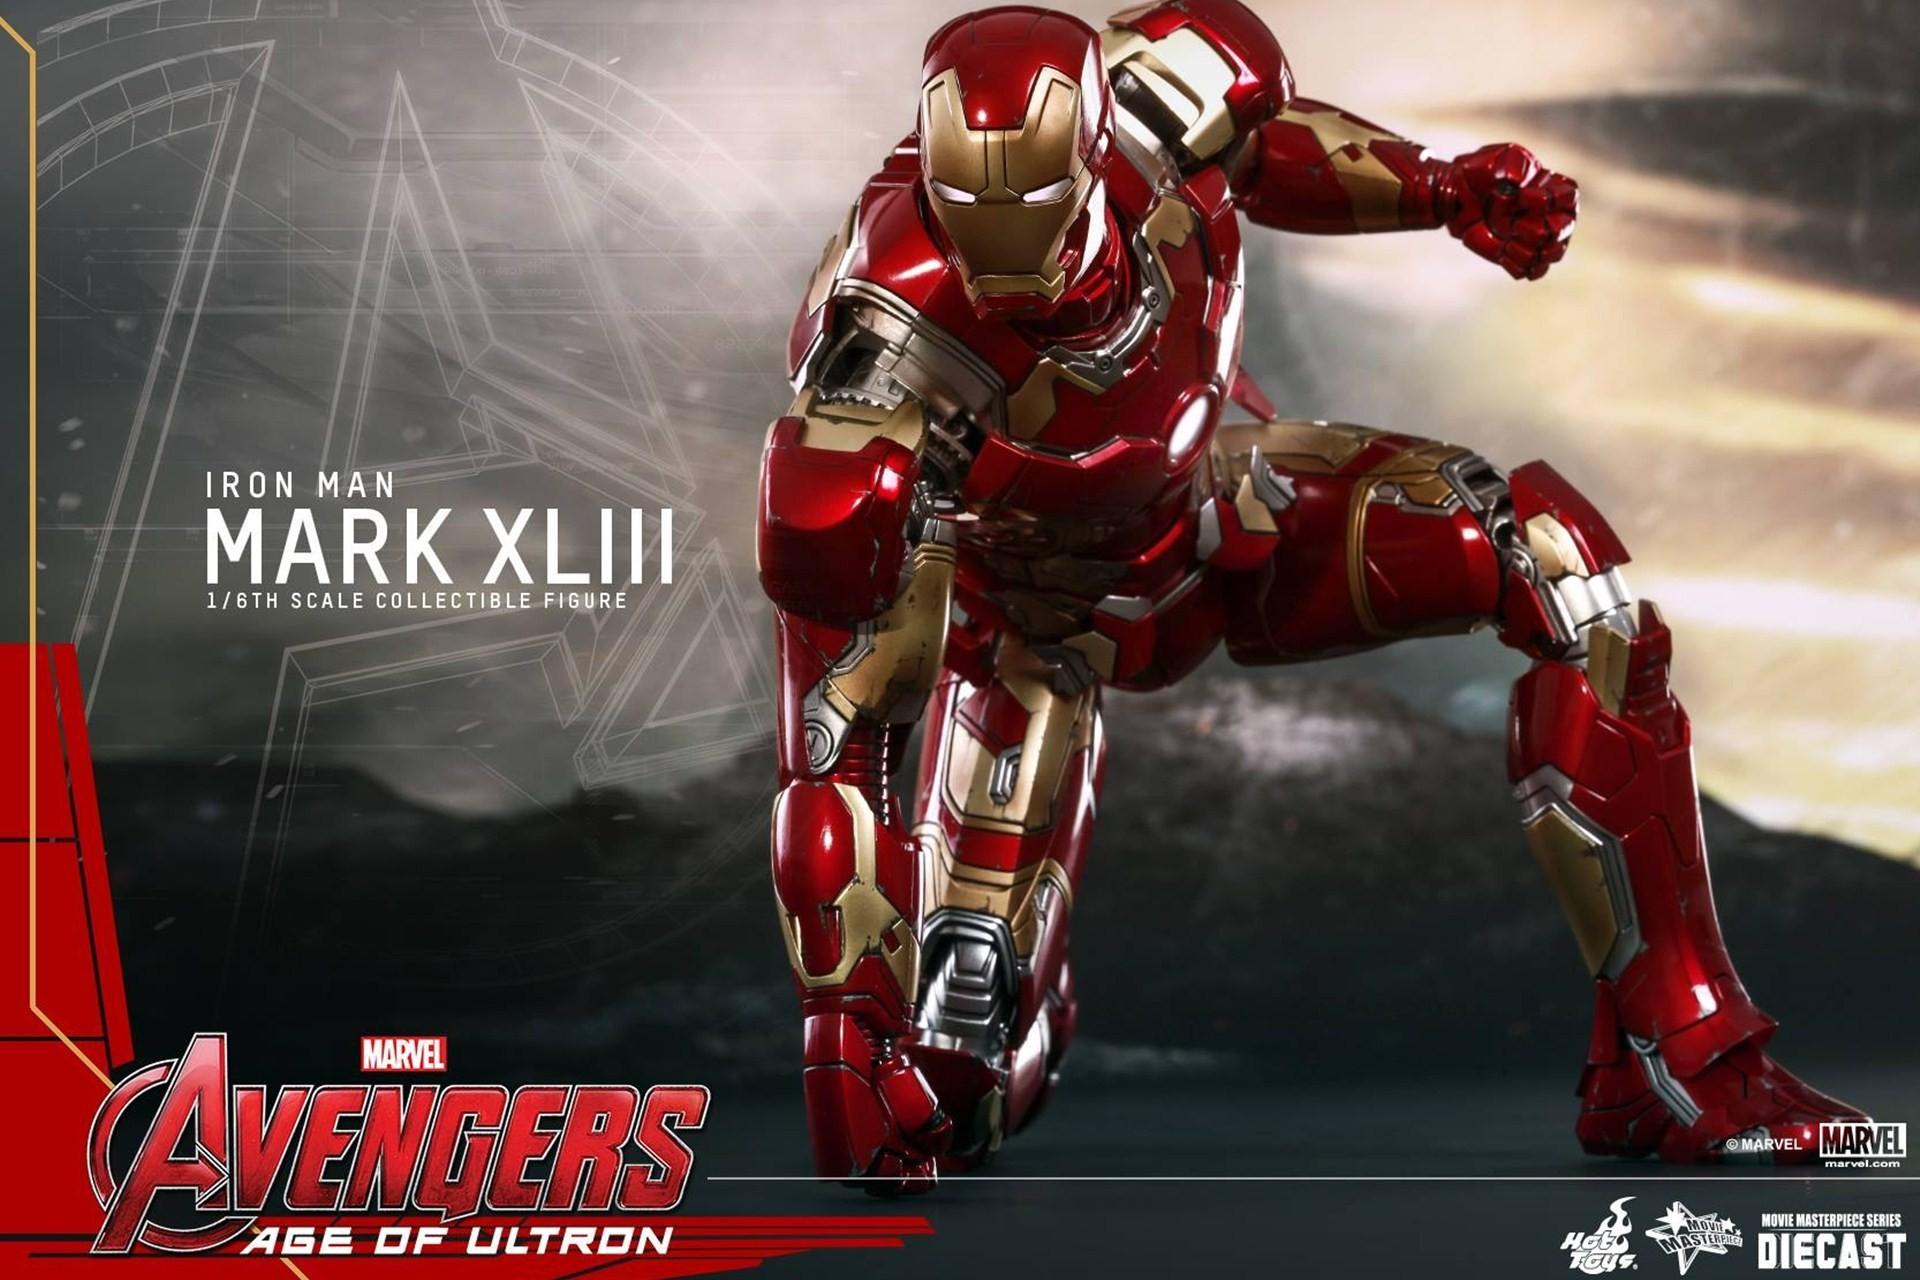 Avengers HD Wallpapers 1080P Pics 88103j – Wallpaper HD Fix